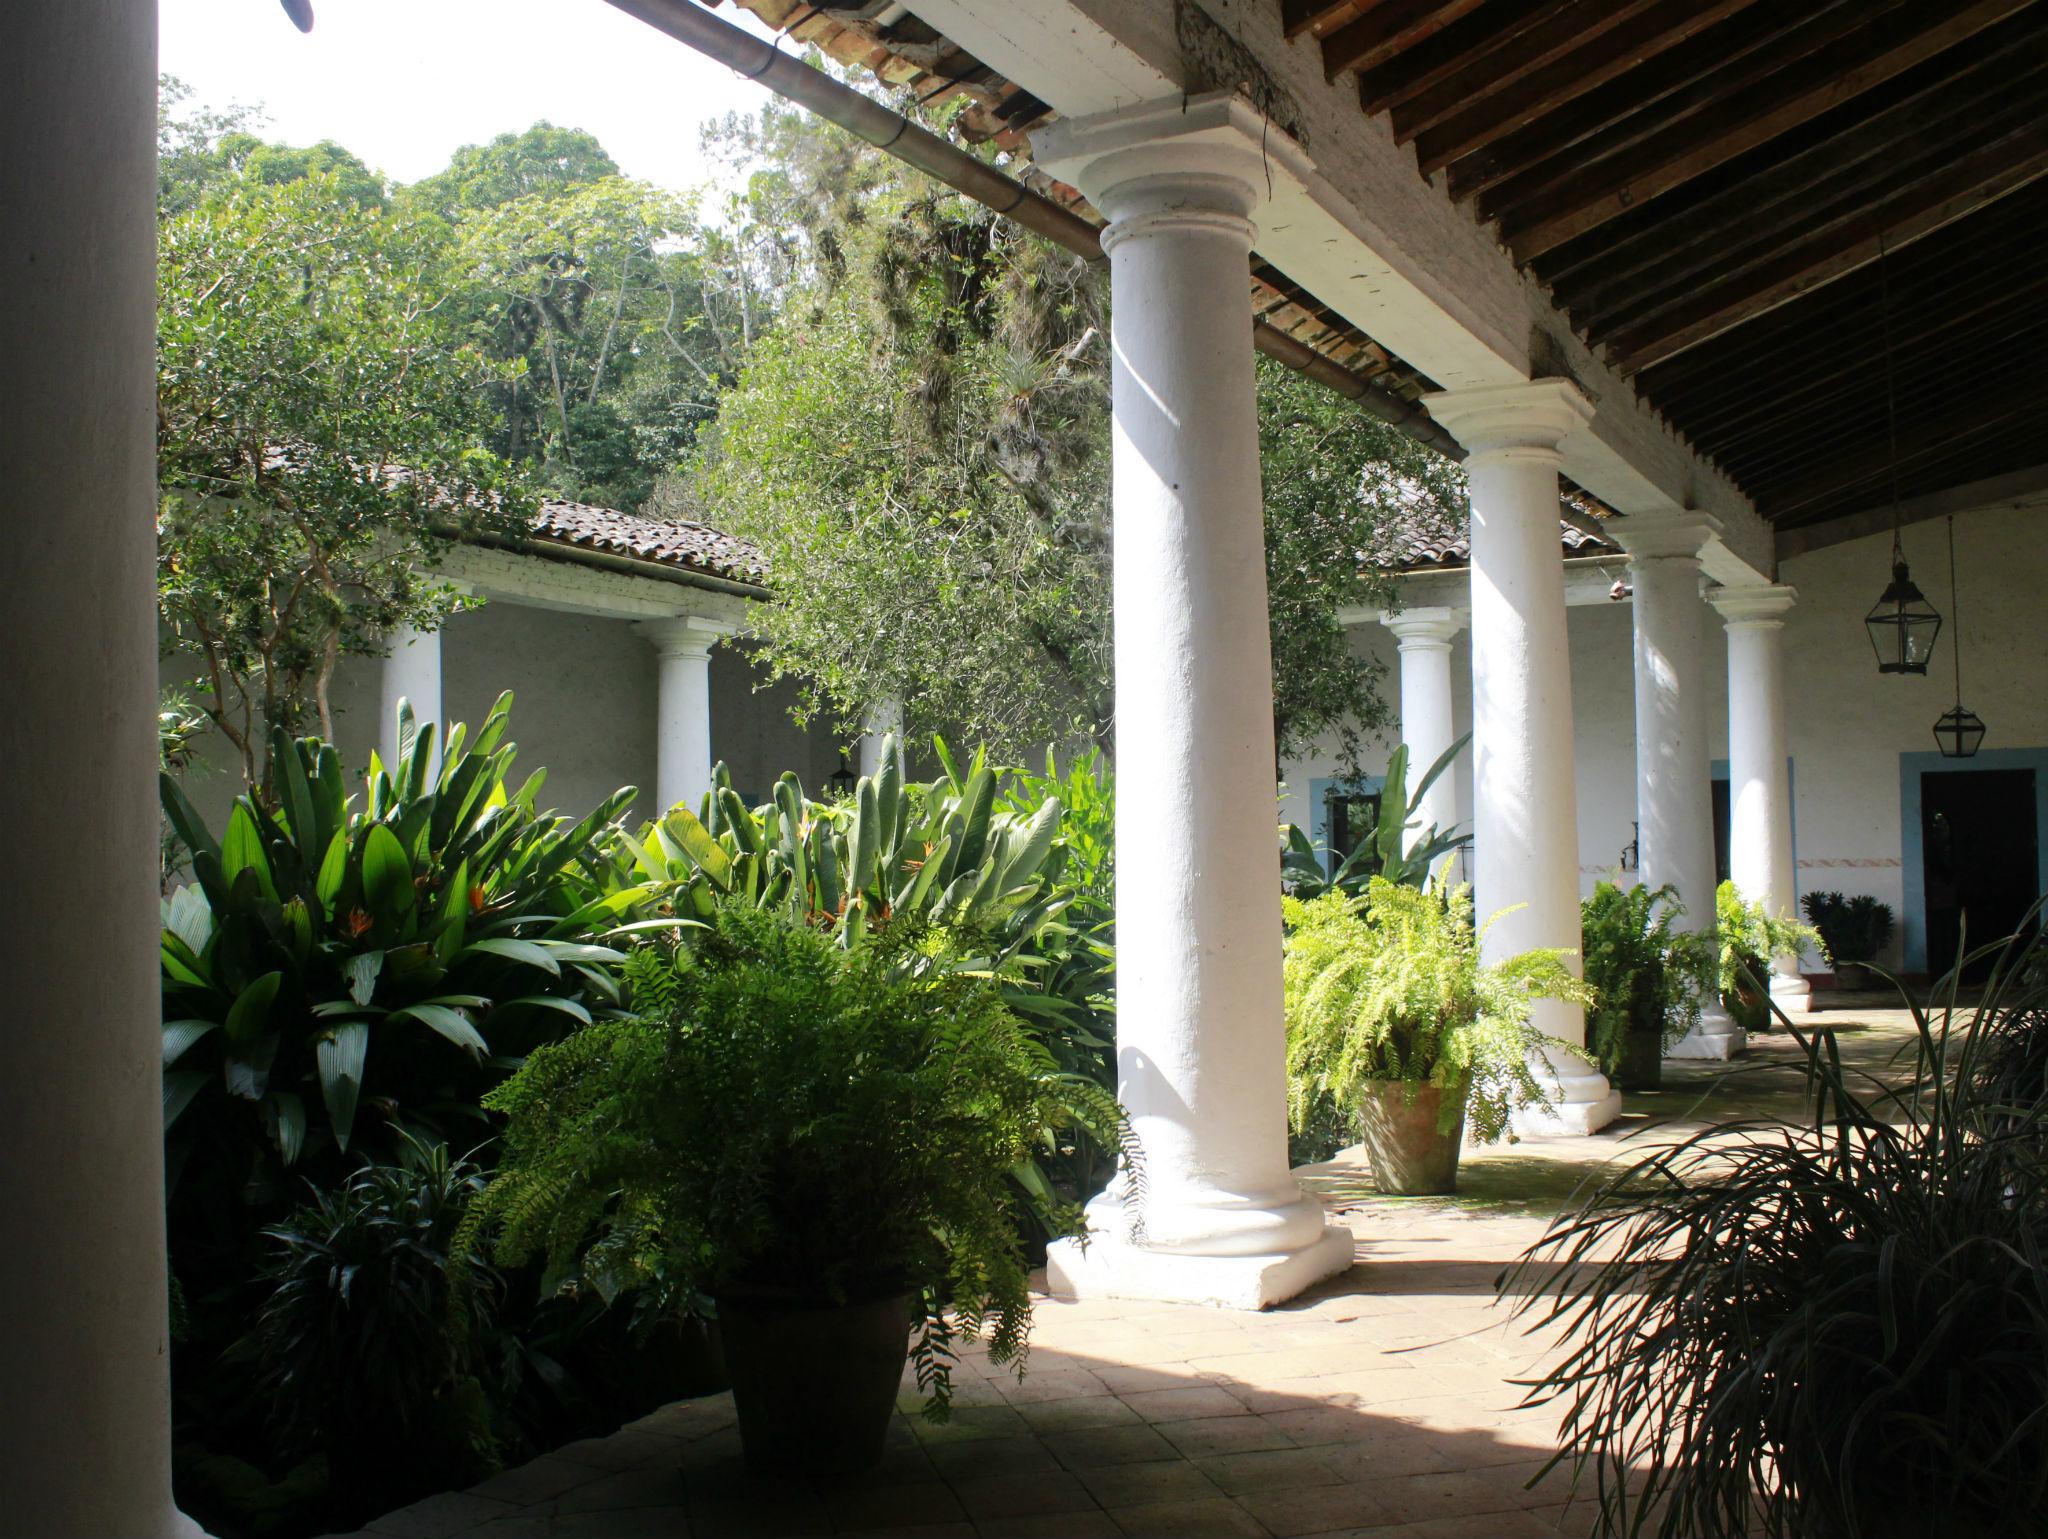 4 destinos de ecoturismo y cultura para visitar en Xalapa, Veracruz